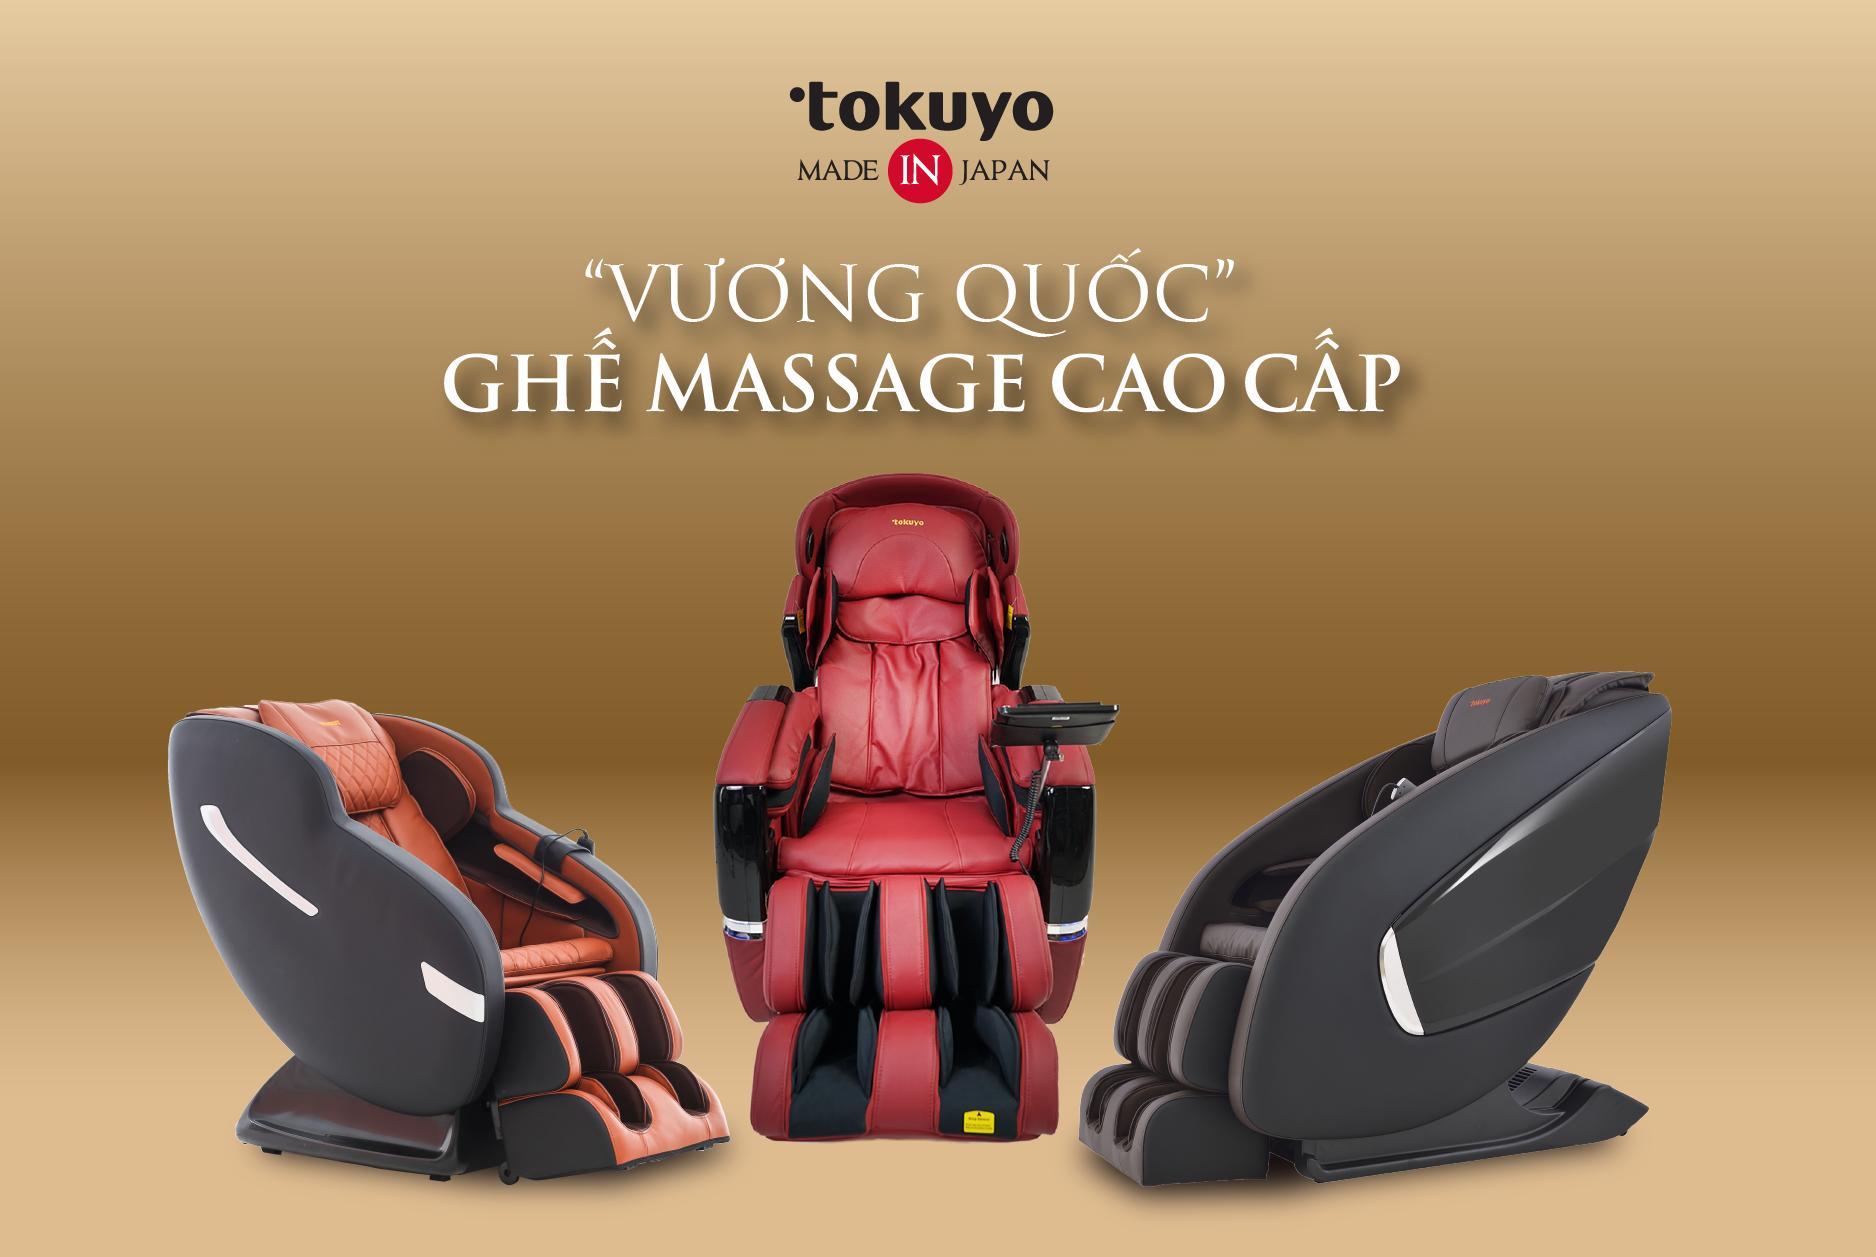 Ghế Massage Nhật Bảngiá rẻ chất lượng hàng đầu thị trường